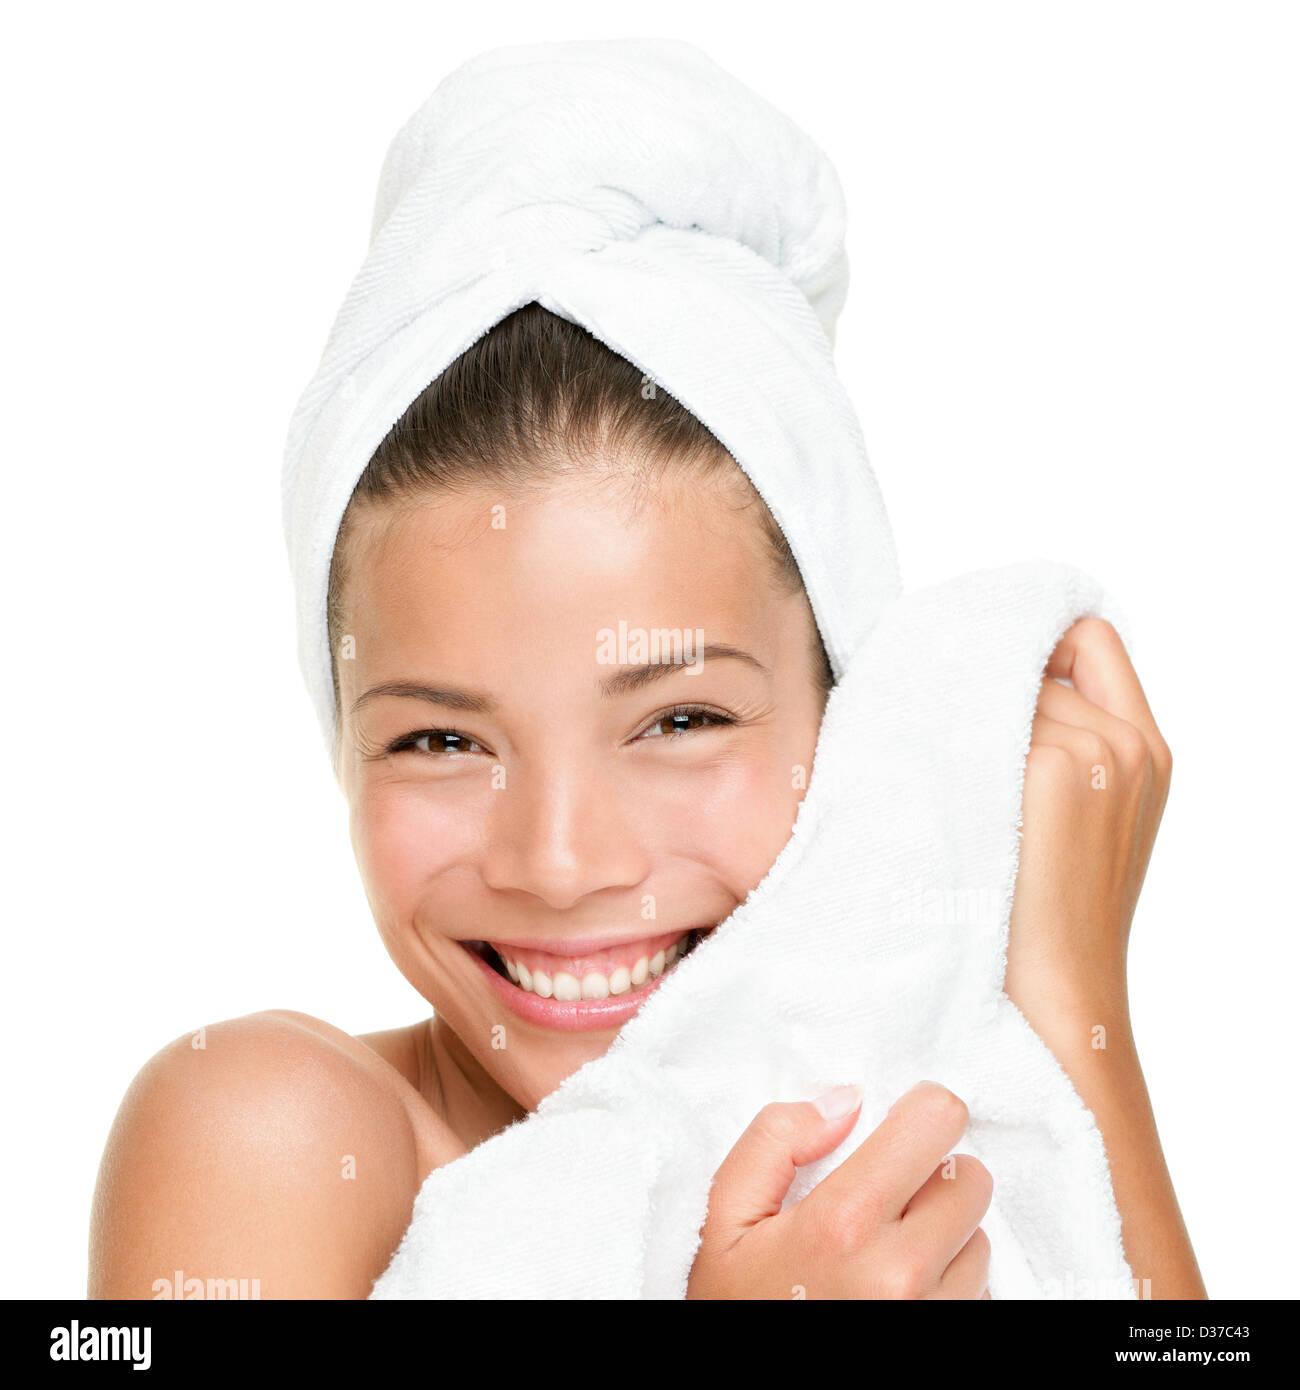 Closeup Portrait der schönen lächelnden Chinesin asiatische / Caucasian Gefühl weichen Handtuch Gesicht isoliert Stockfoto